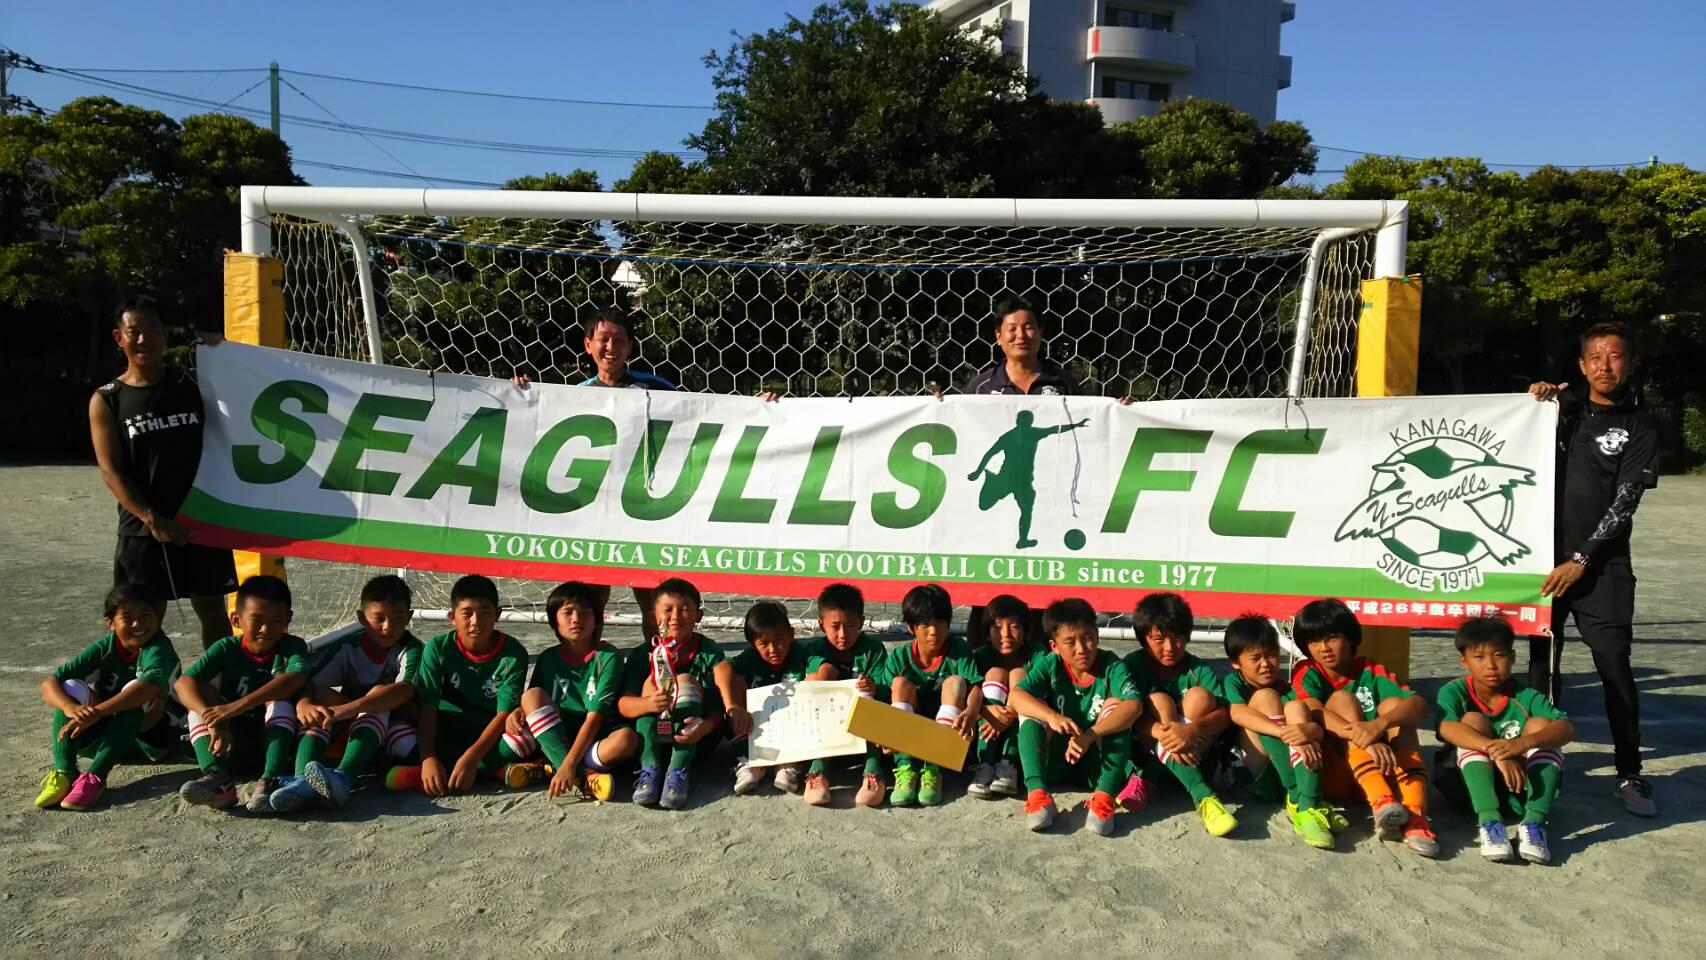 7/30 かもめ杯 U-12大会 第3位 横須賀シーガルズFC U-12